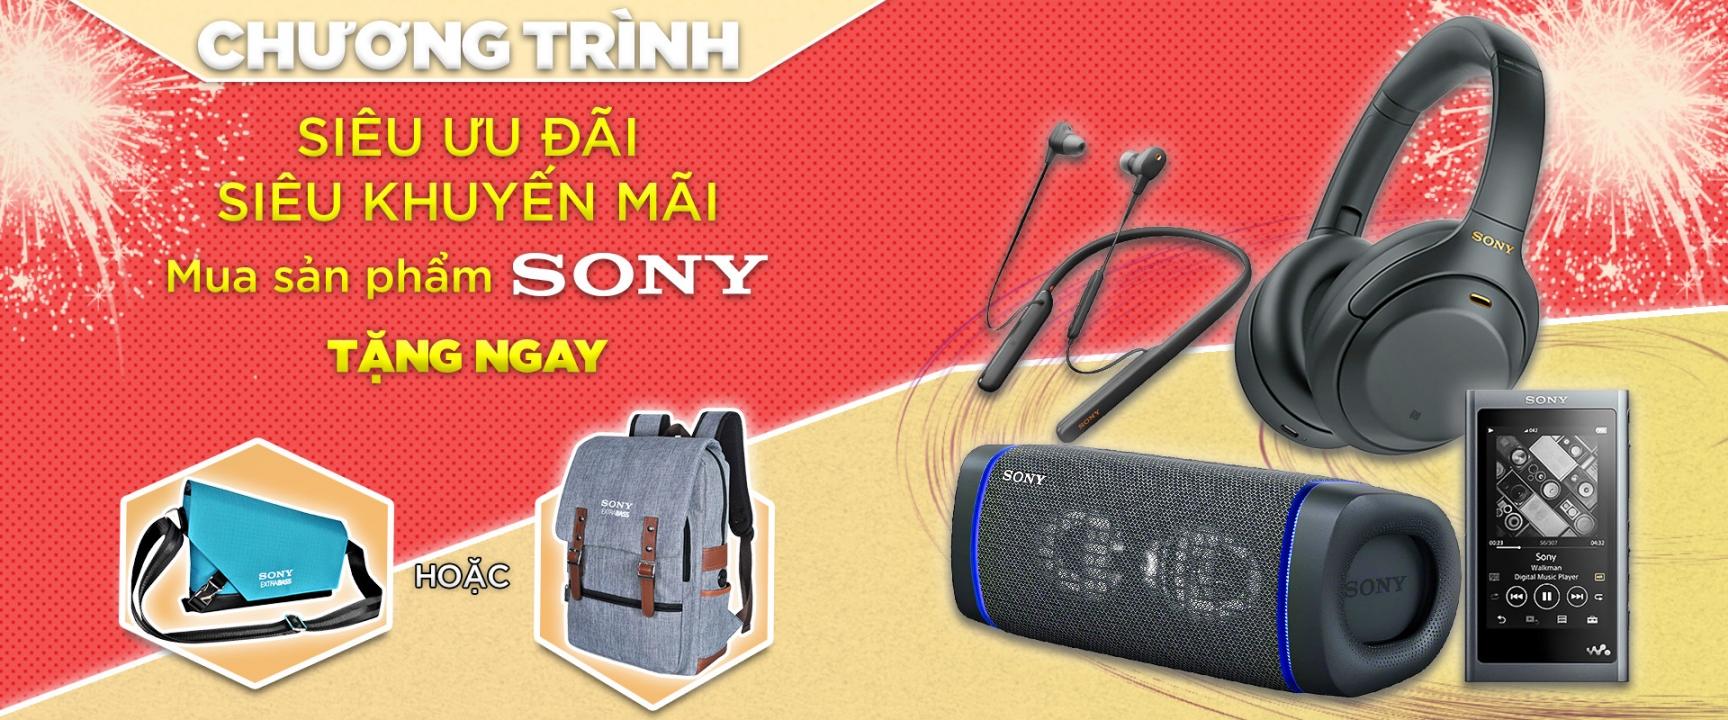 Nhận ngay quà tặng từ Sony khi mua sản phẩm tại Fitgear Shop